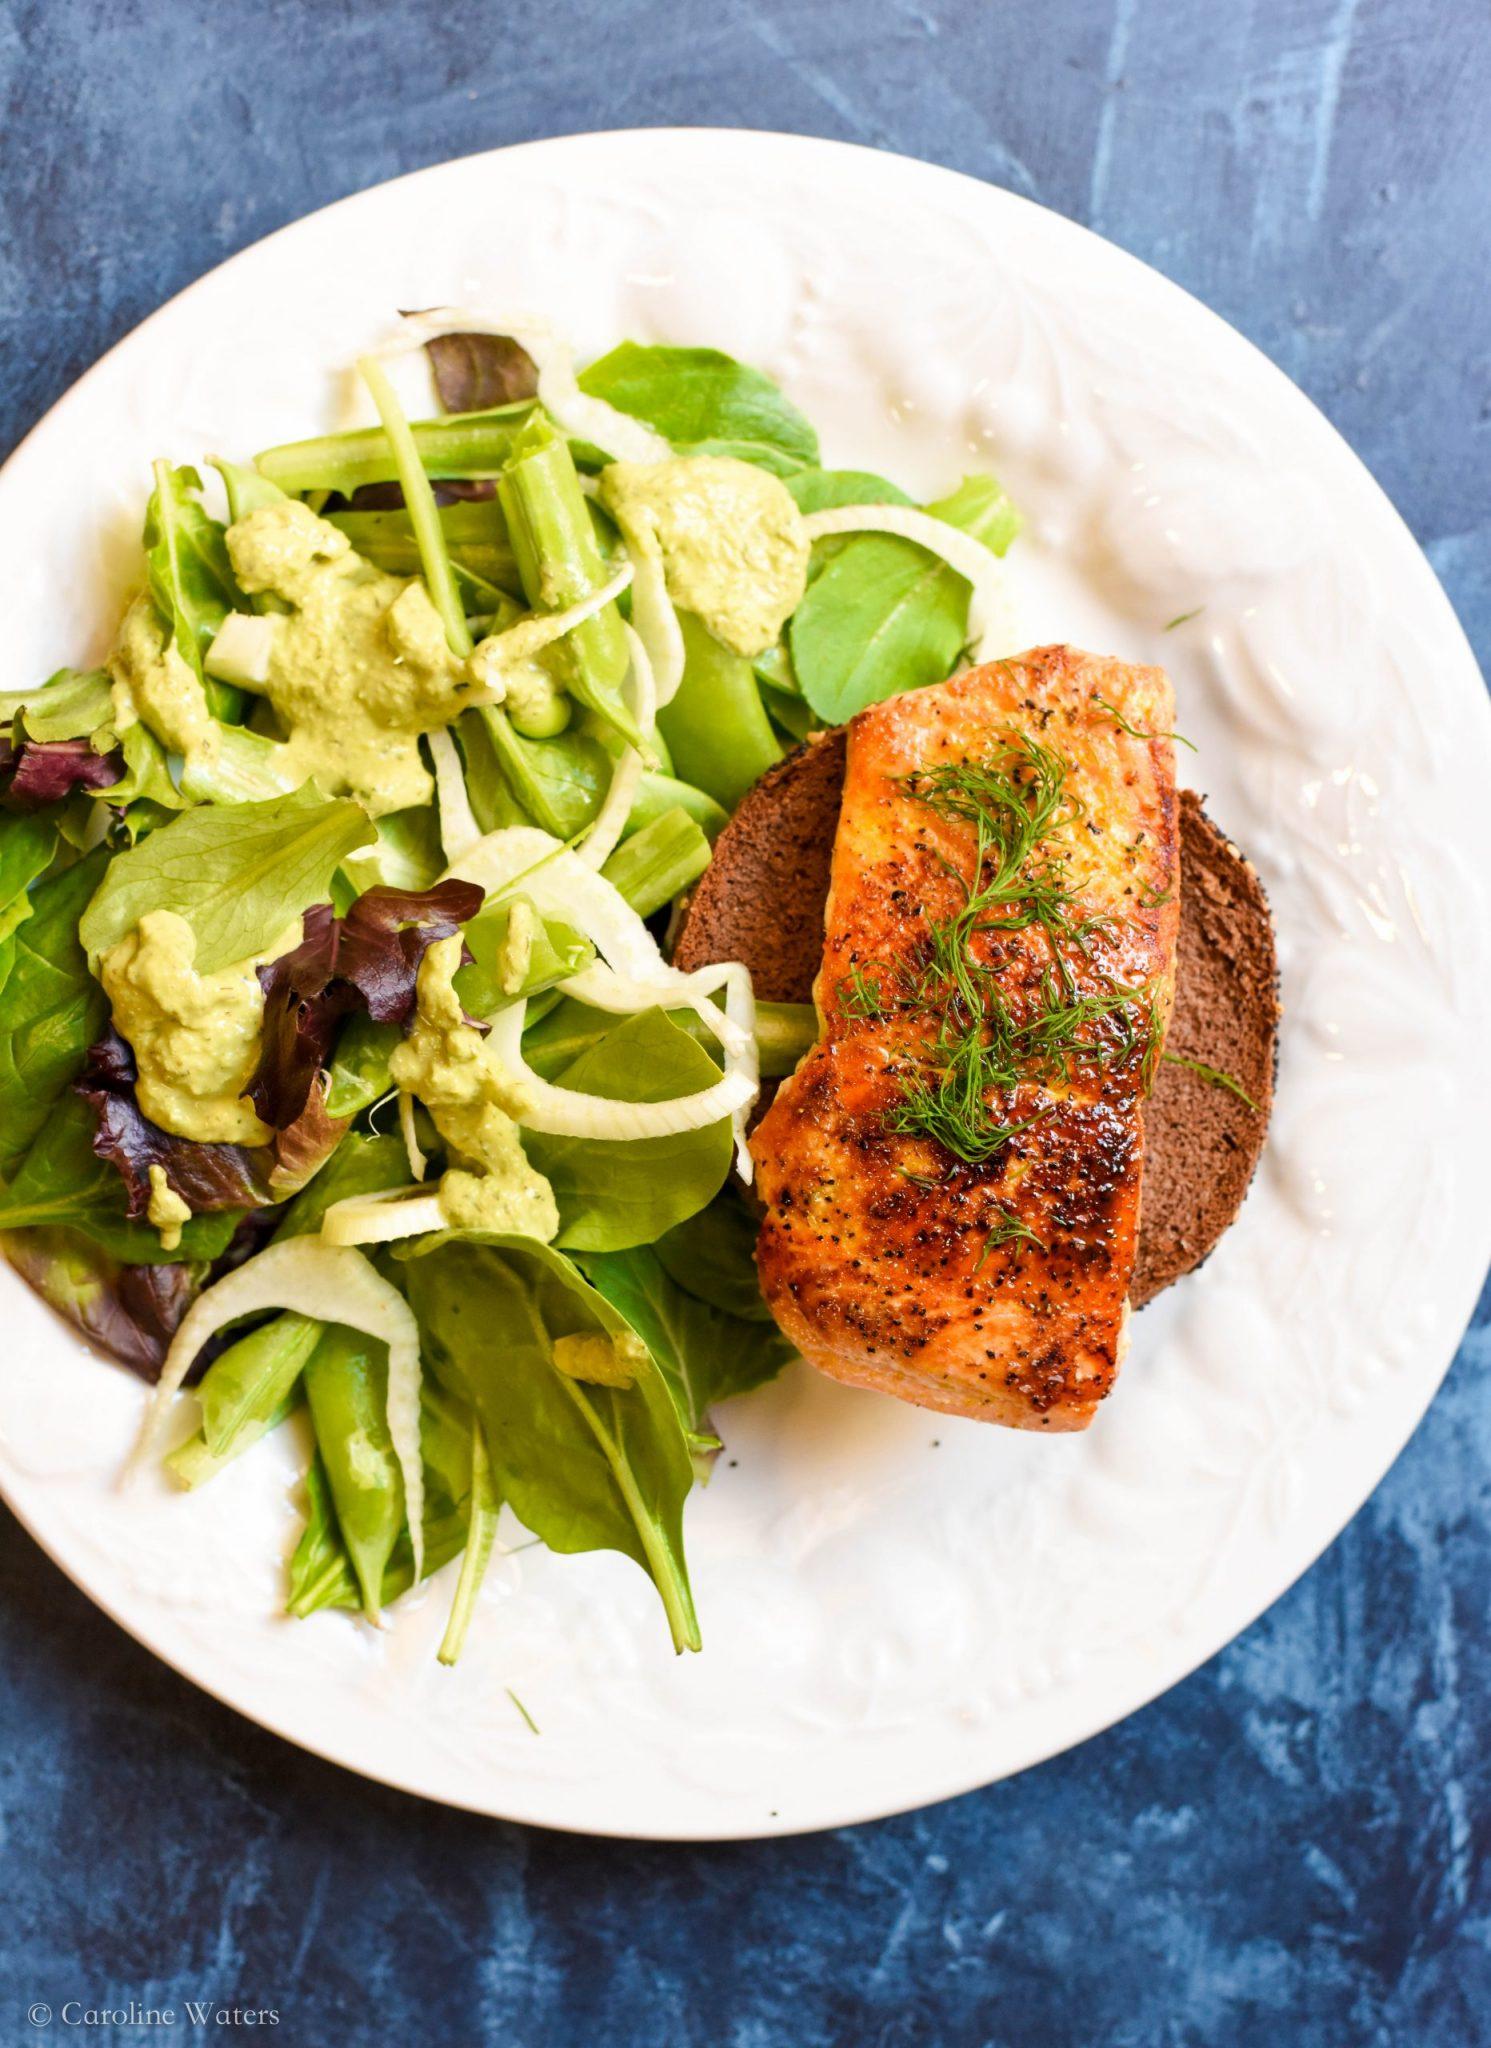 savory-salmon-and-greens-salad